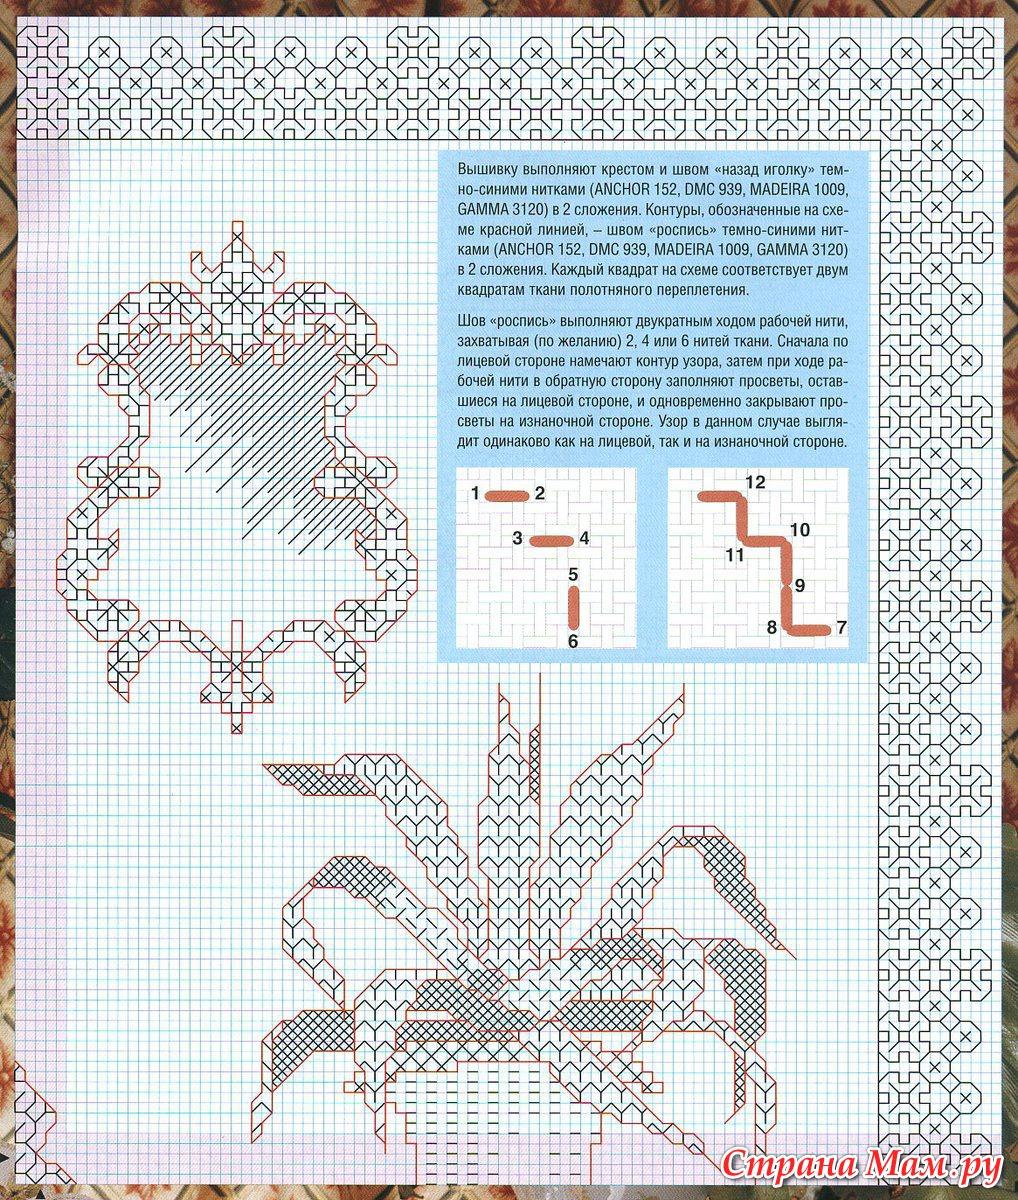 Как изграфии сделать схему выши